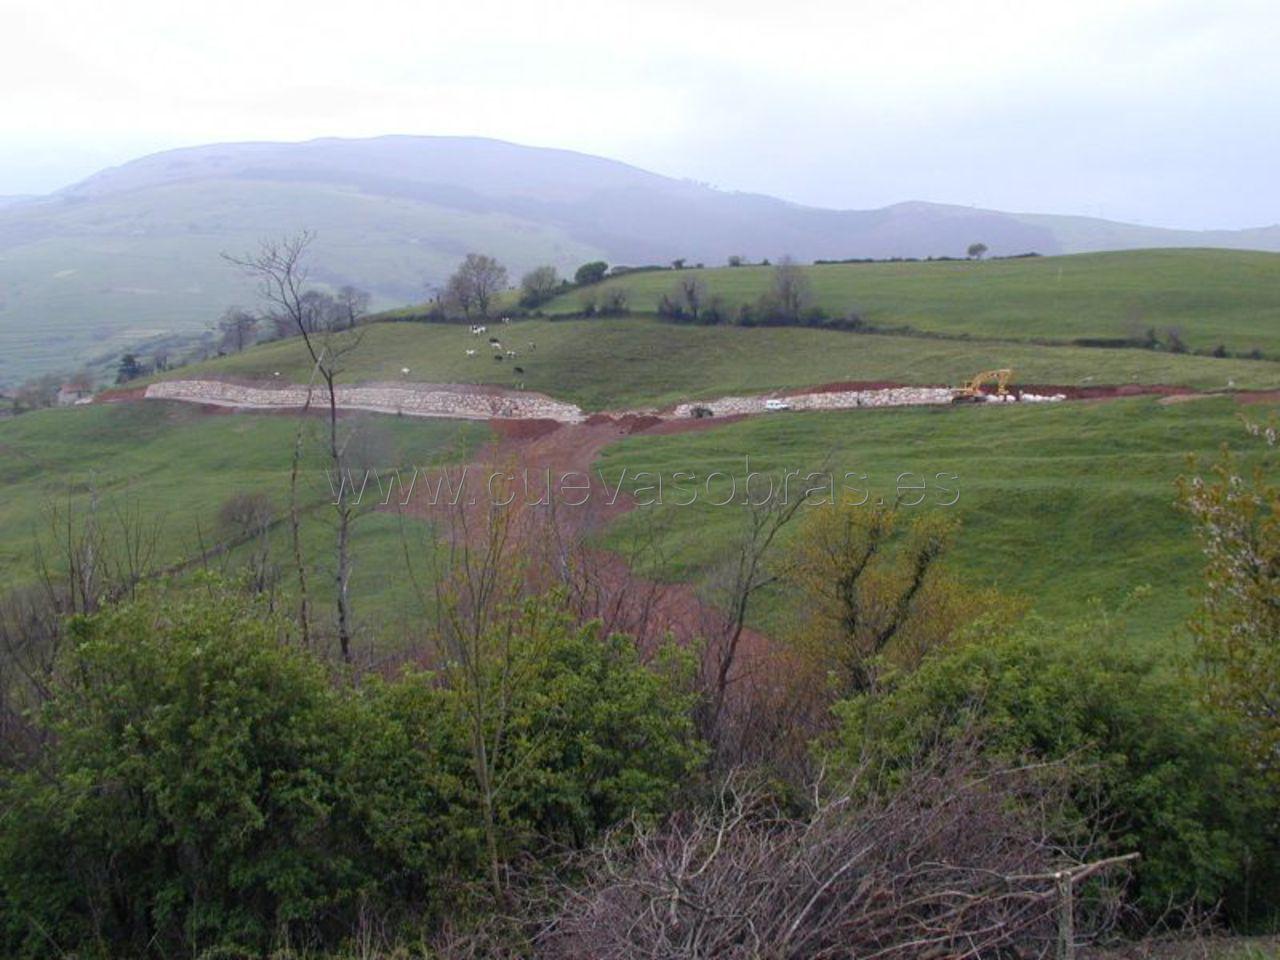 Mejora y afirmado de la carretera de Sandoñana a San Martín, Cantabria. 2ª Fase.